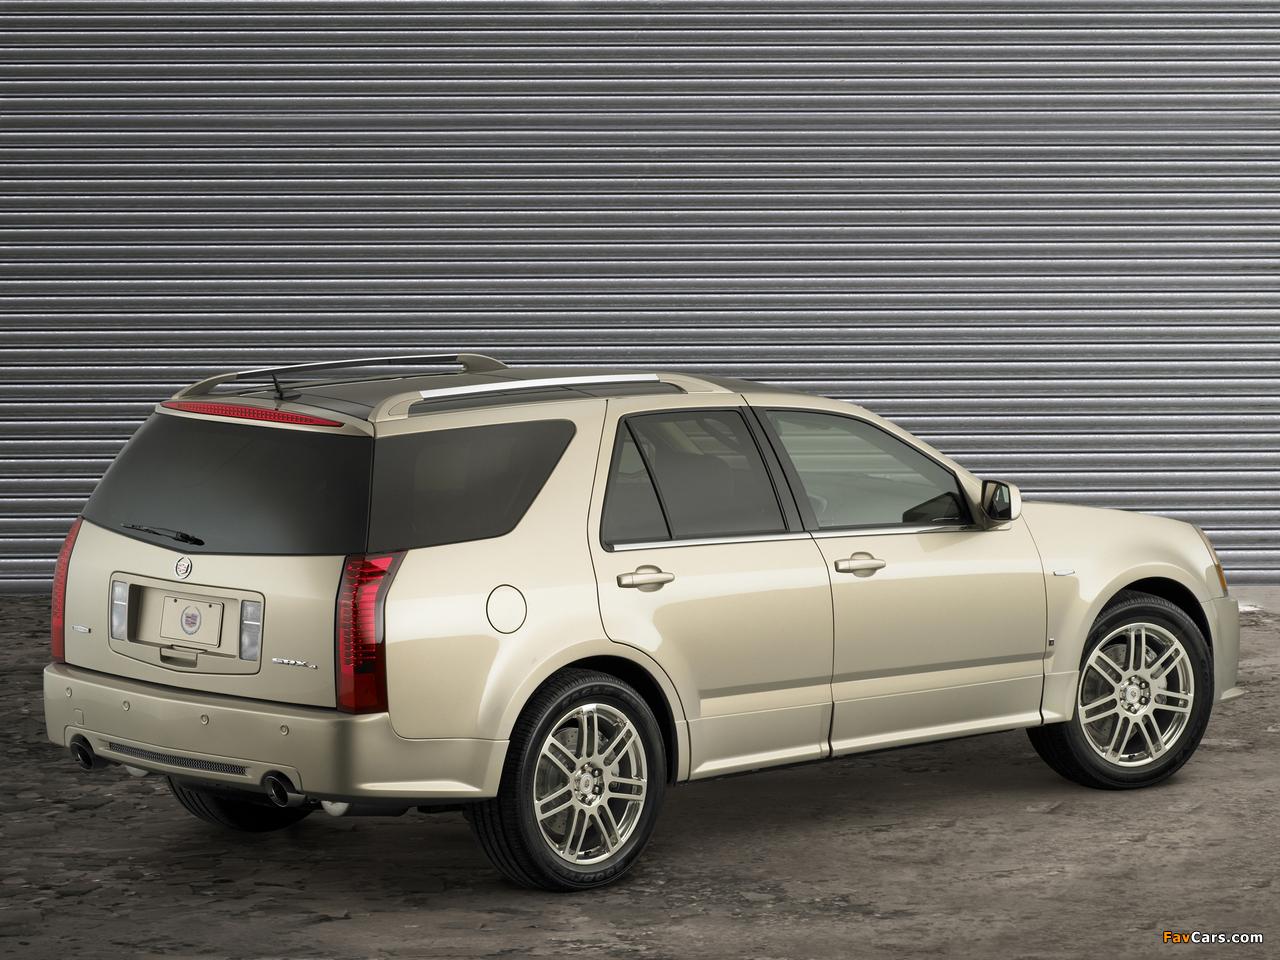 Cadillac SRX Sport by Dana Buchman 2006 pictures (1280 x 960)